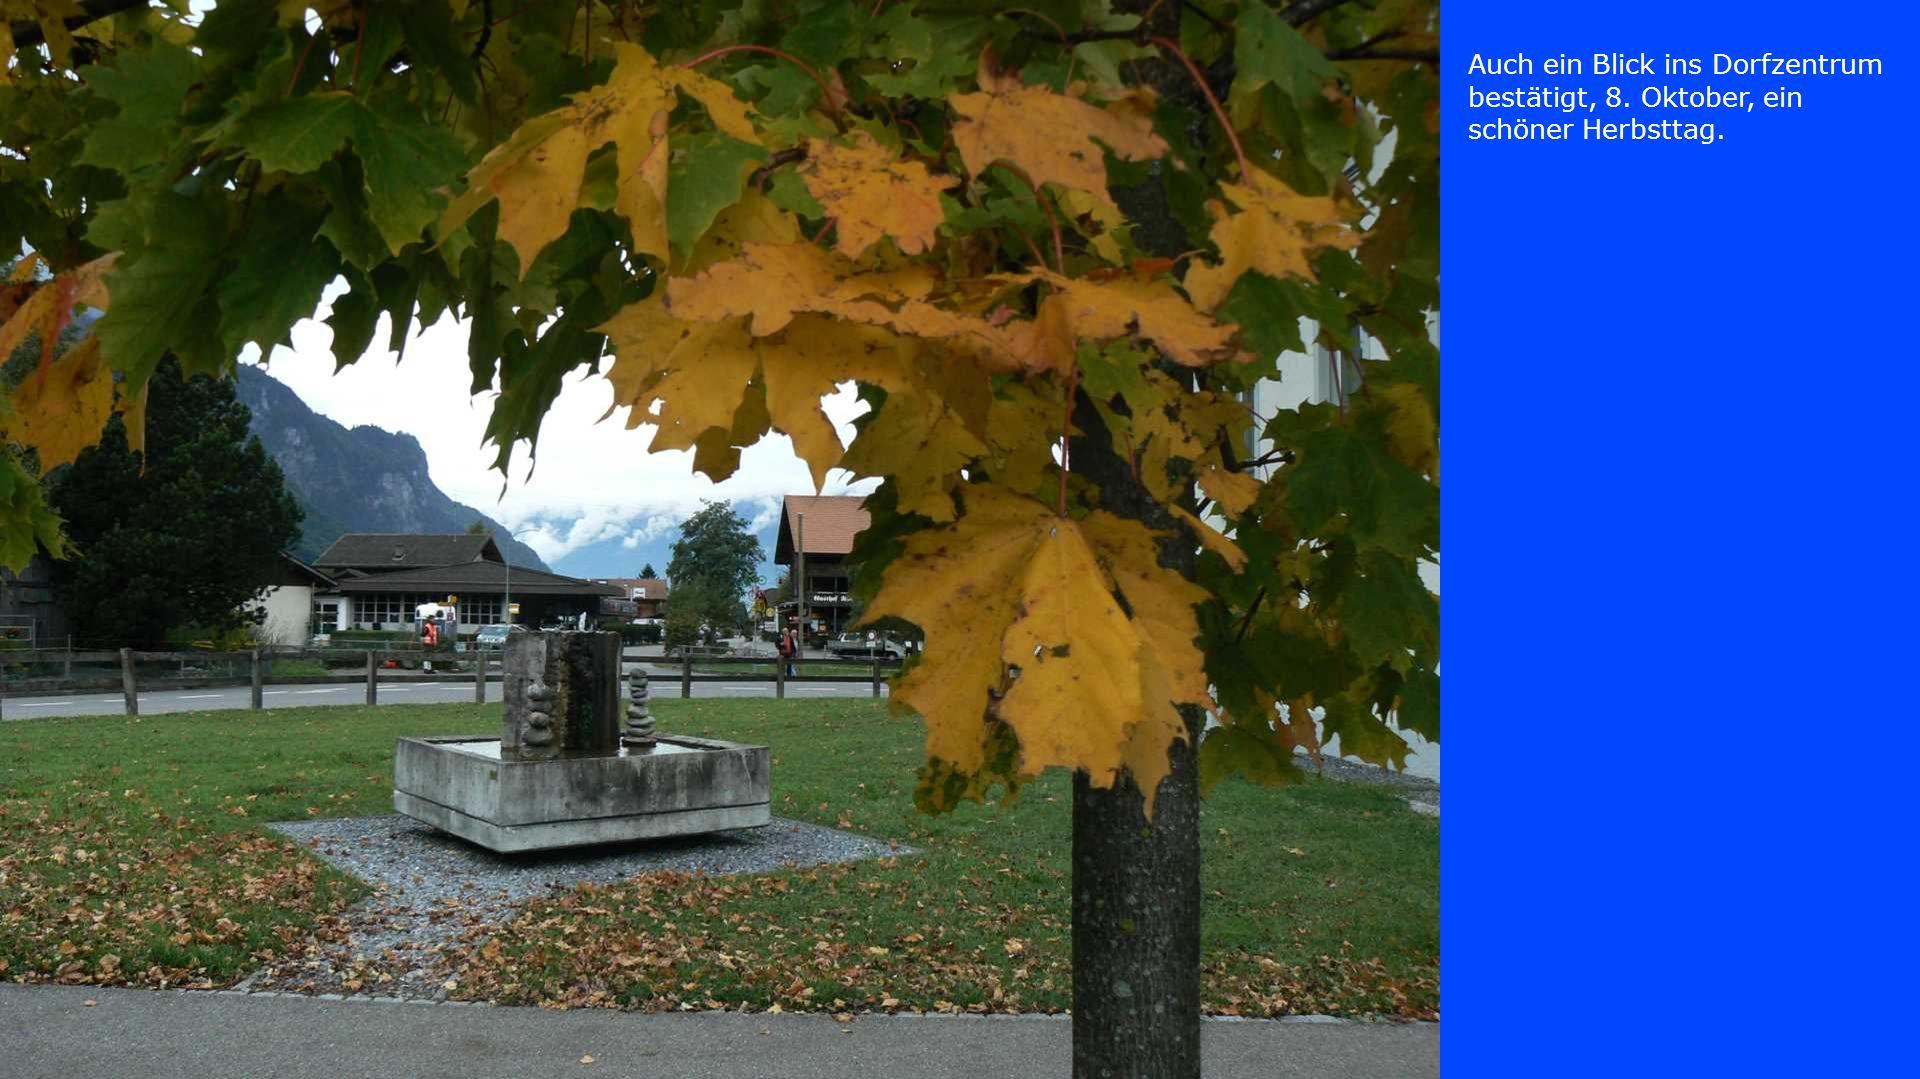 Auch ein Blick ins Dorfzentrum bestätigt, 8. Oktober, ein schöner Herbsttag.